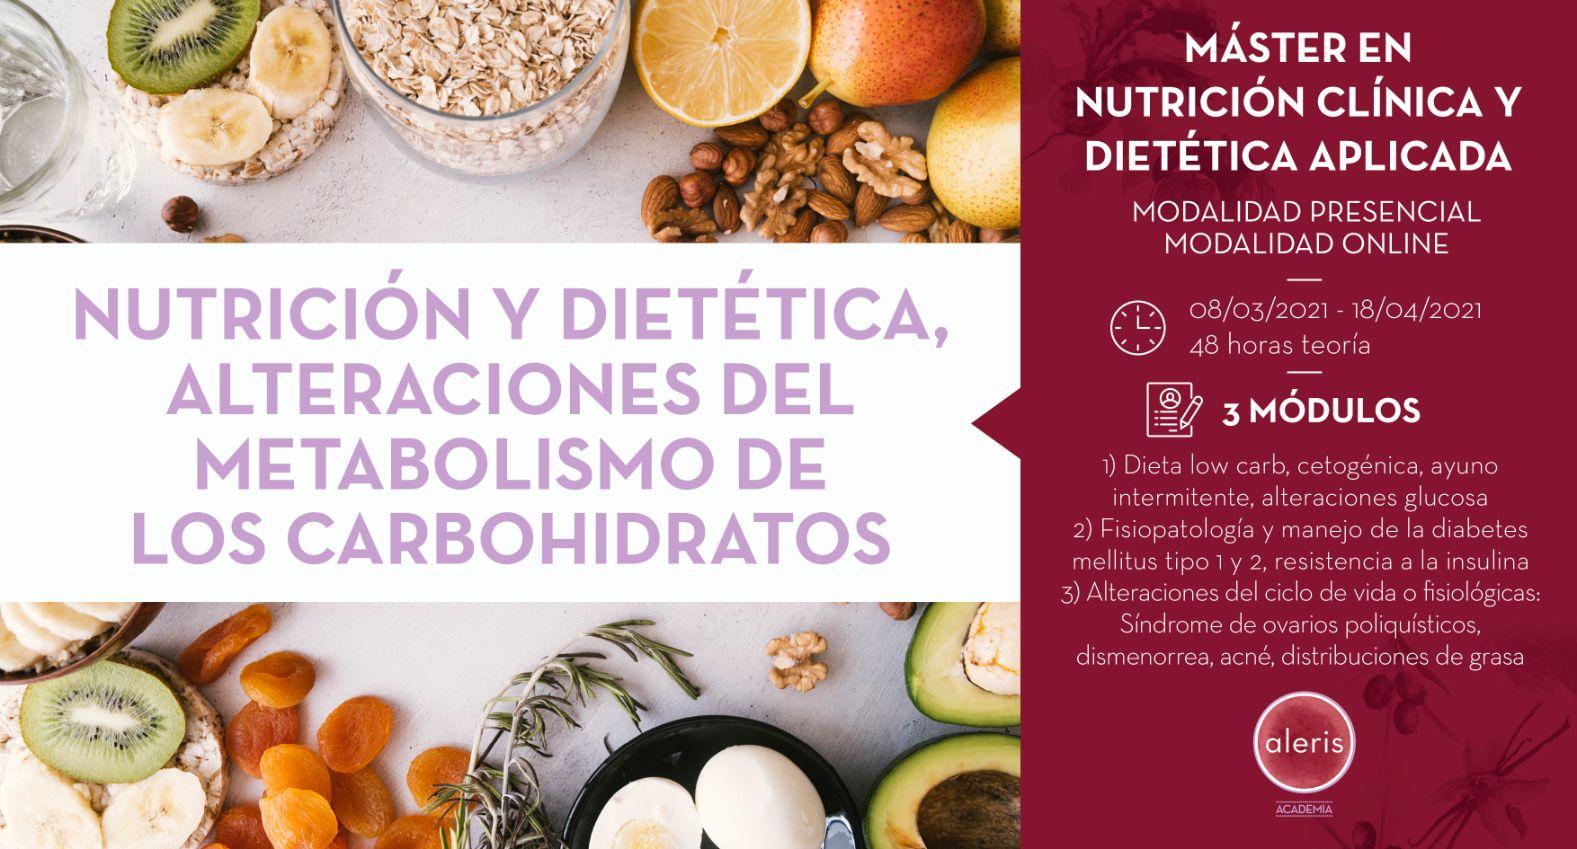 NUTRICIÓN, DIETÉTICA Y ALTERACIÓN DEL METABOLISMO DE LOS CARBOHIDRATOS